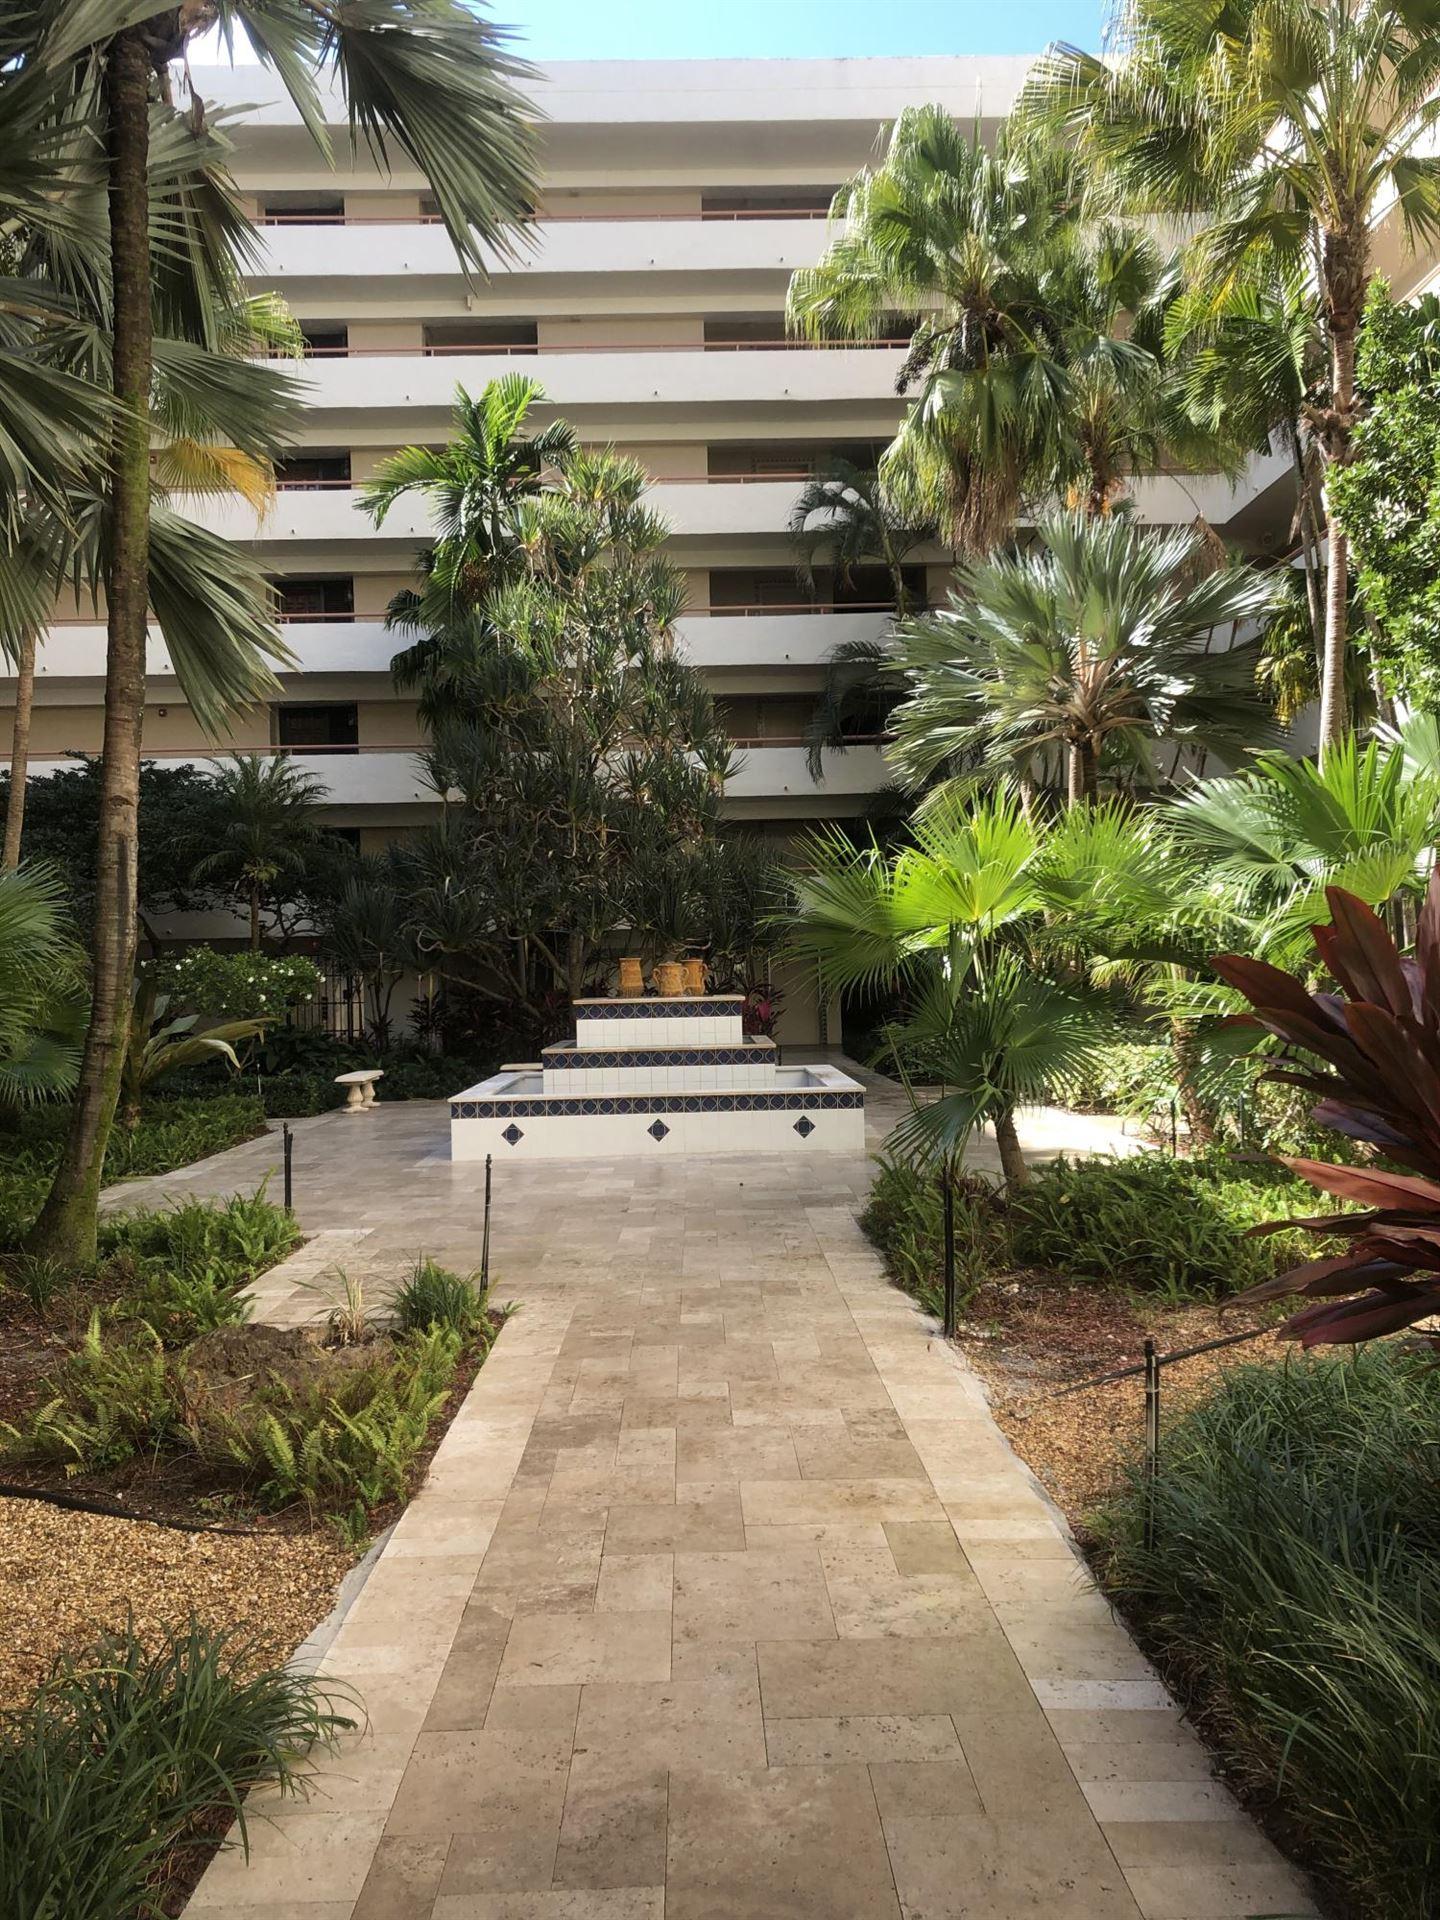 23200 Camino Del Mar #603, Boca Raton, FL 33433 - #: RX-10703187